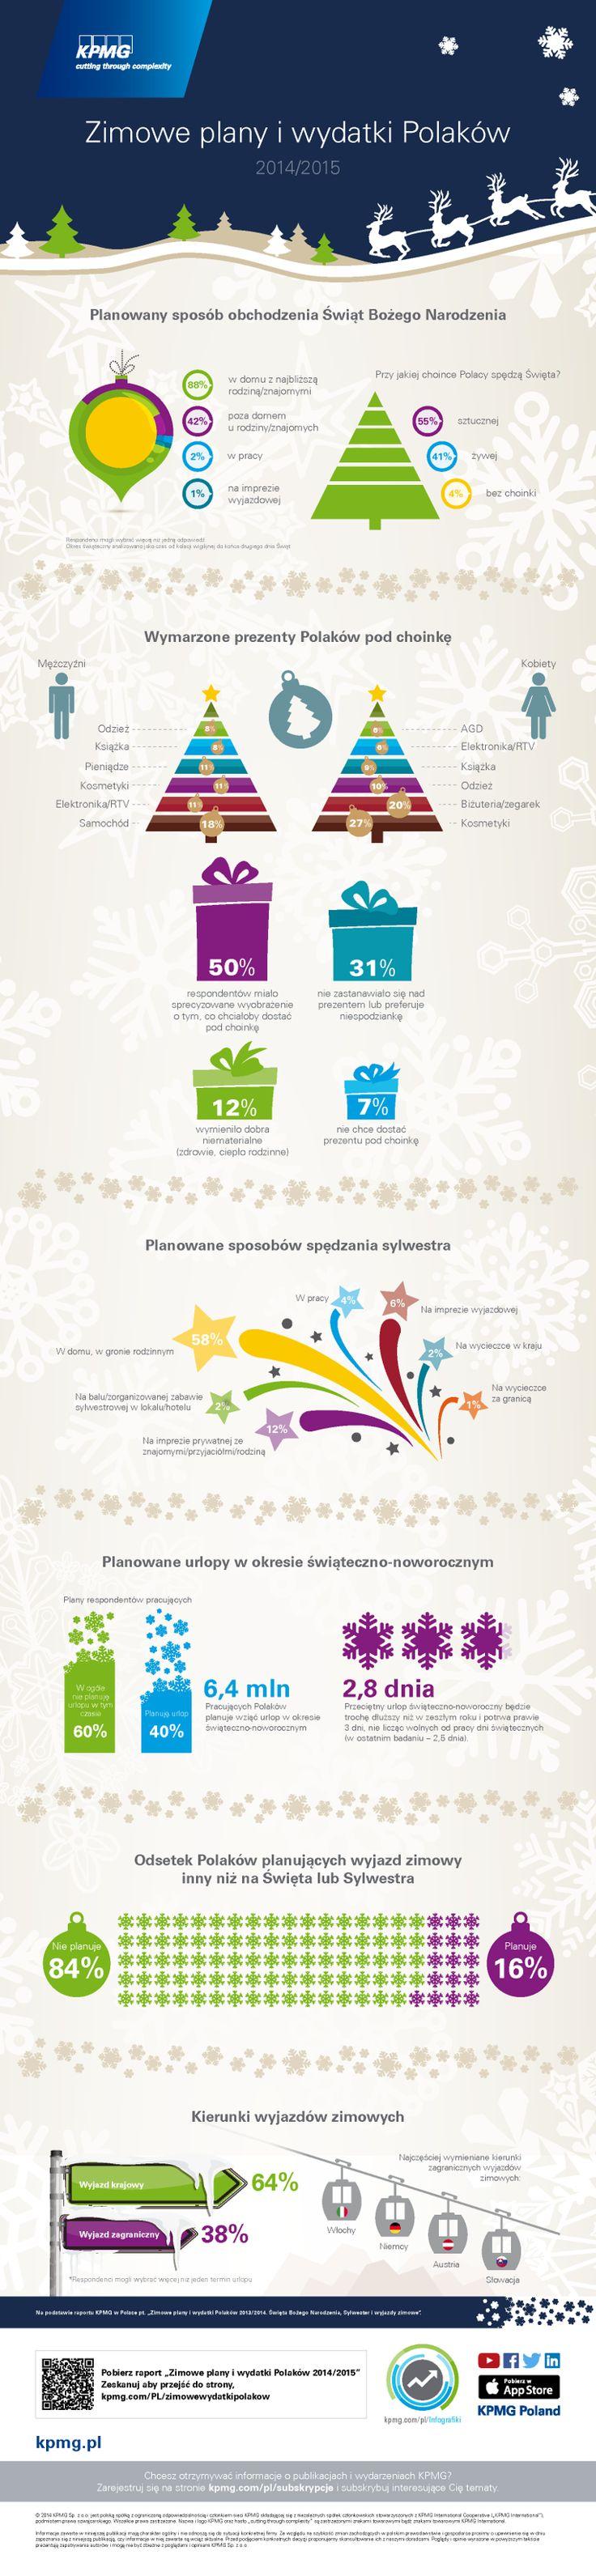 """Na Święta, Sylwestra oraz ferie zimowe polskie gospodarstwa domowe wydadzą łącznie 29,9 mld zł, blisko 7% więcej w porównaniu z zimą 2013/2014. #świeta #prezenty #choinka #infografika #infographic #wigilia Dane na podstawie raportu KPMG w Polsce pt. """"Zimowe plany i wydatki Polaków 2013/2014. Święta Bożego Narodzenia, Sylwester i wyjazdy zimowe"""". #KPMG"""